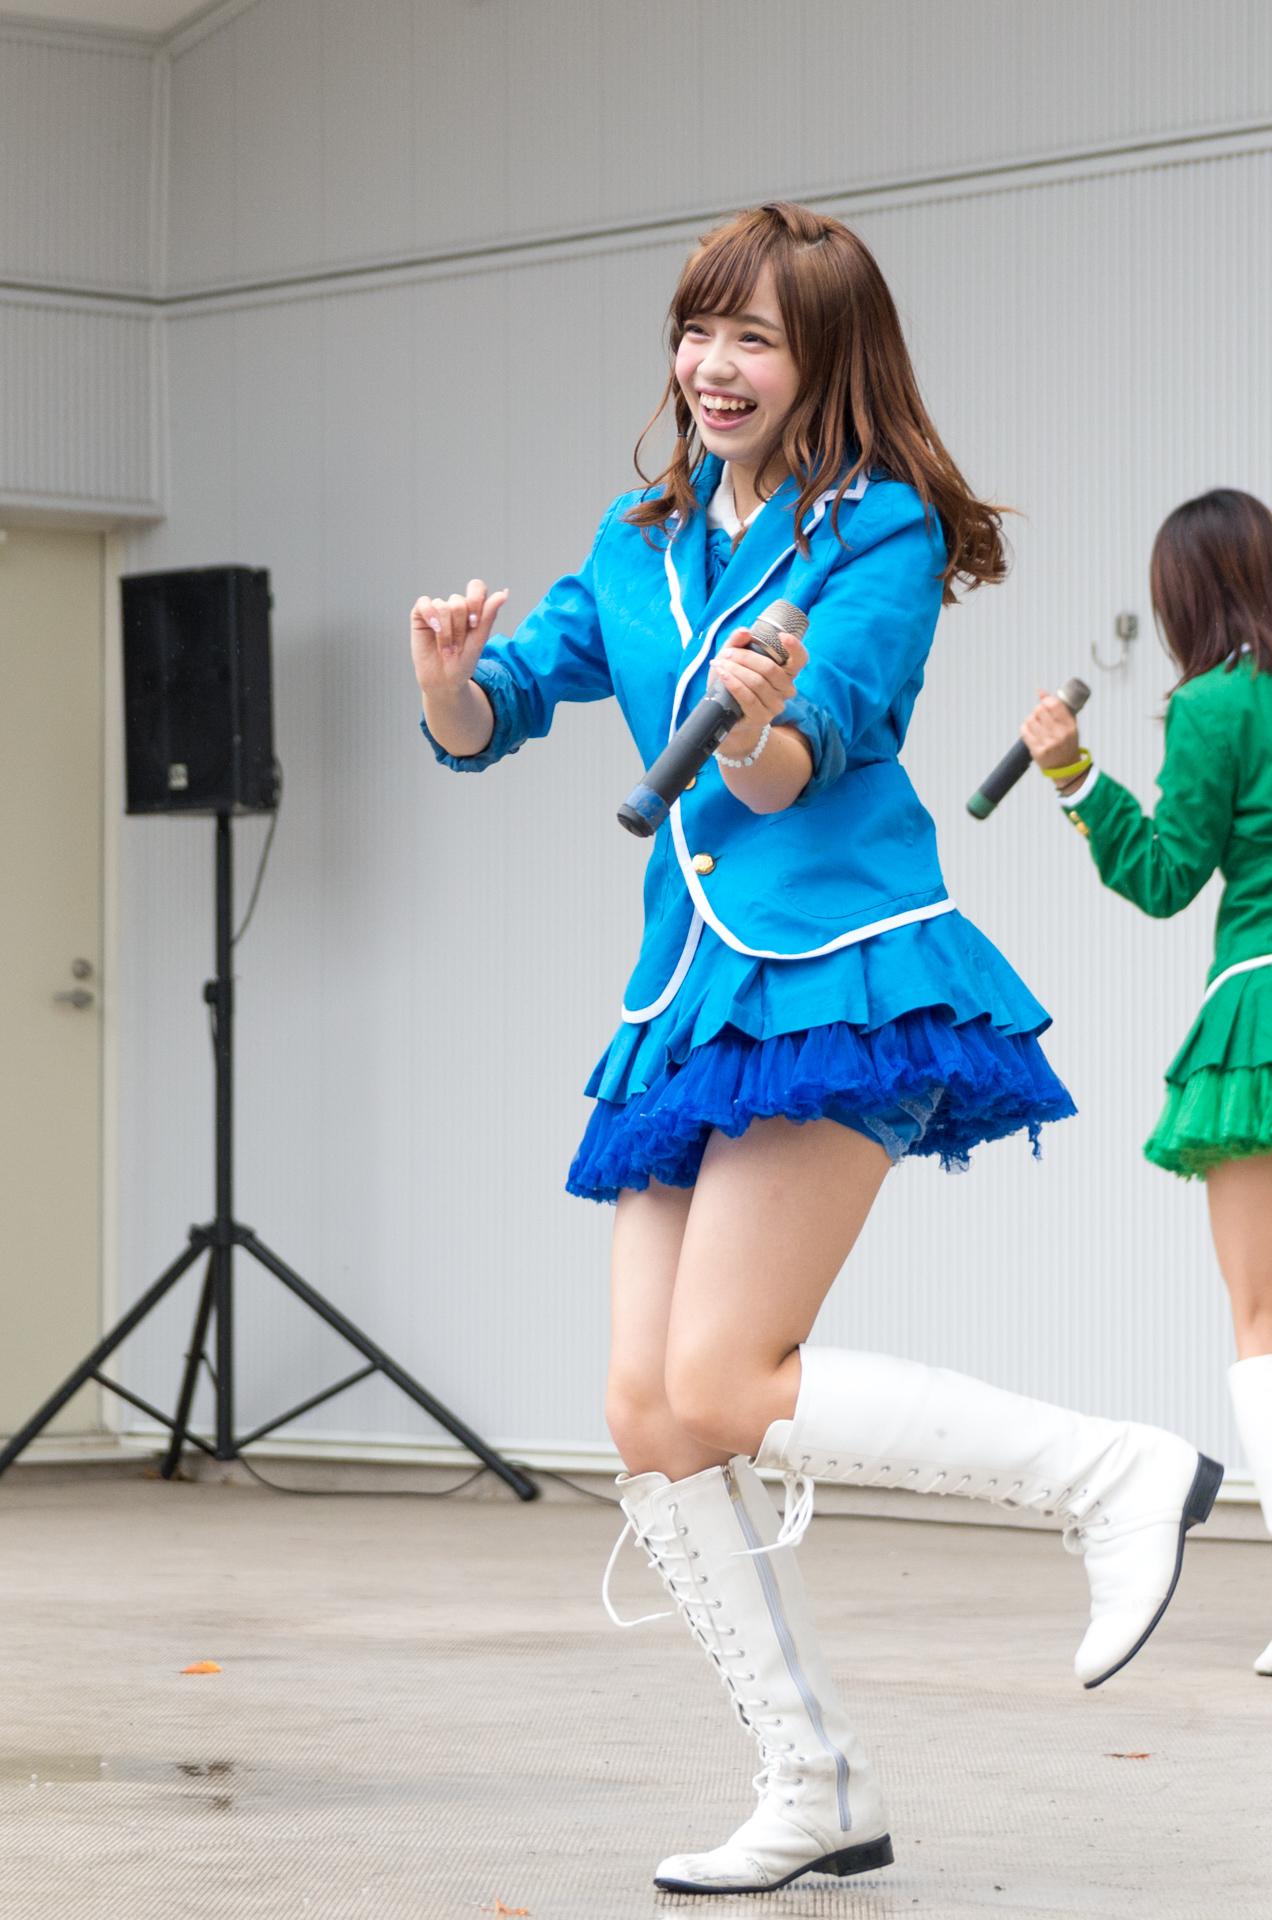 南幌町特産品少女 Speciality Girls   アイドルライブ in 円山動物園